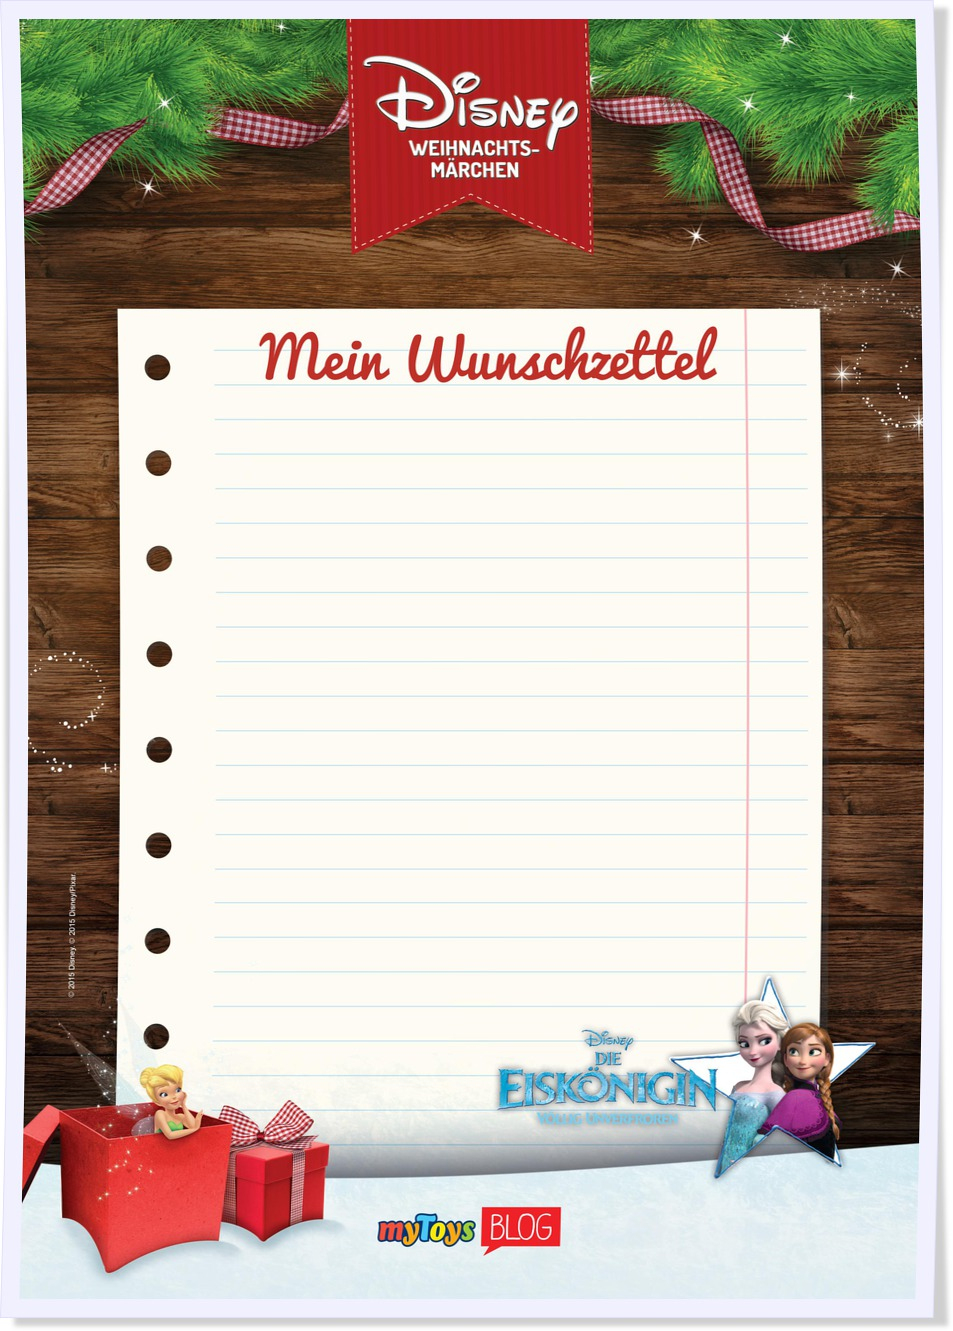 Eine Vorlage Für Den Wunschzettel Zum Ausdrucken für Weihnachtswunschzettel Zum Ausdrucken